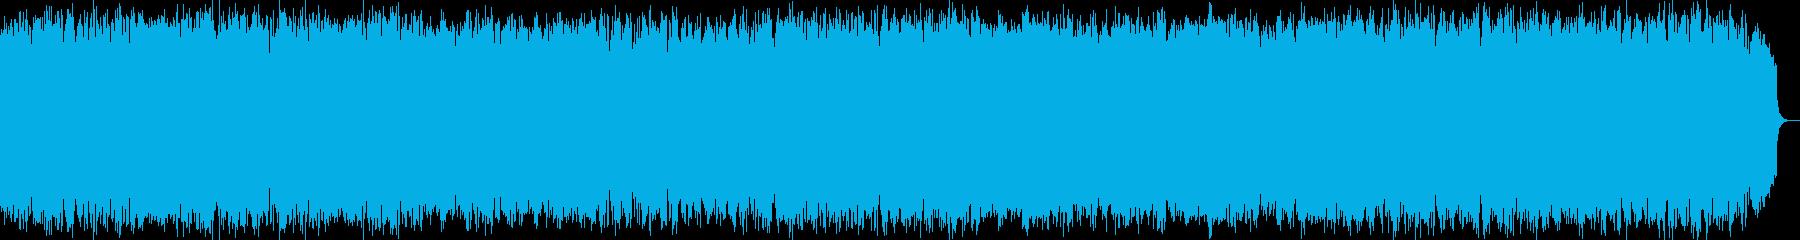 ほのぼのと暖かい風のような竹笛の音楽の再生済みの波形